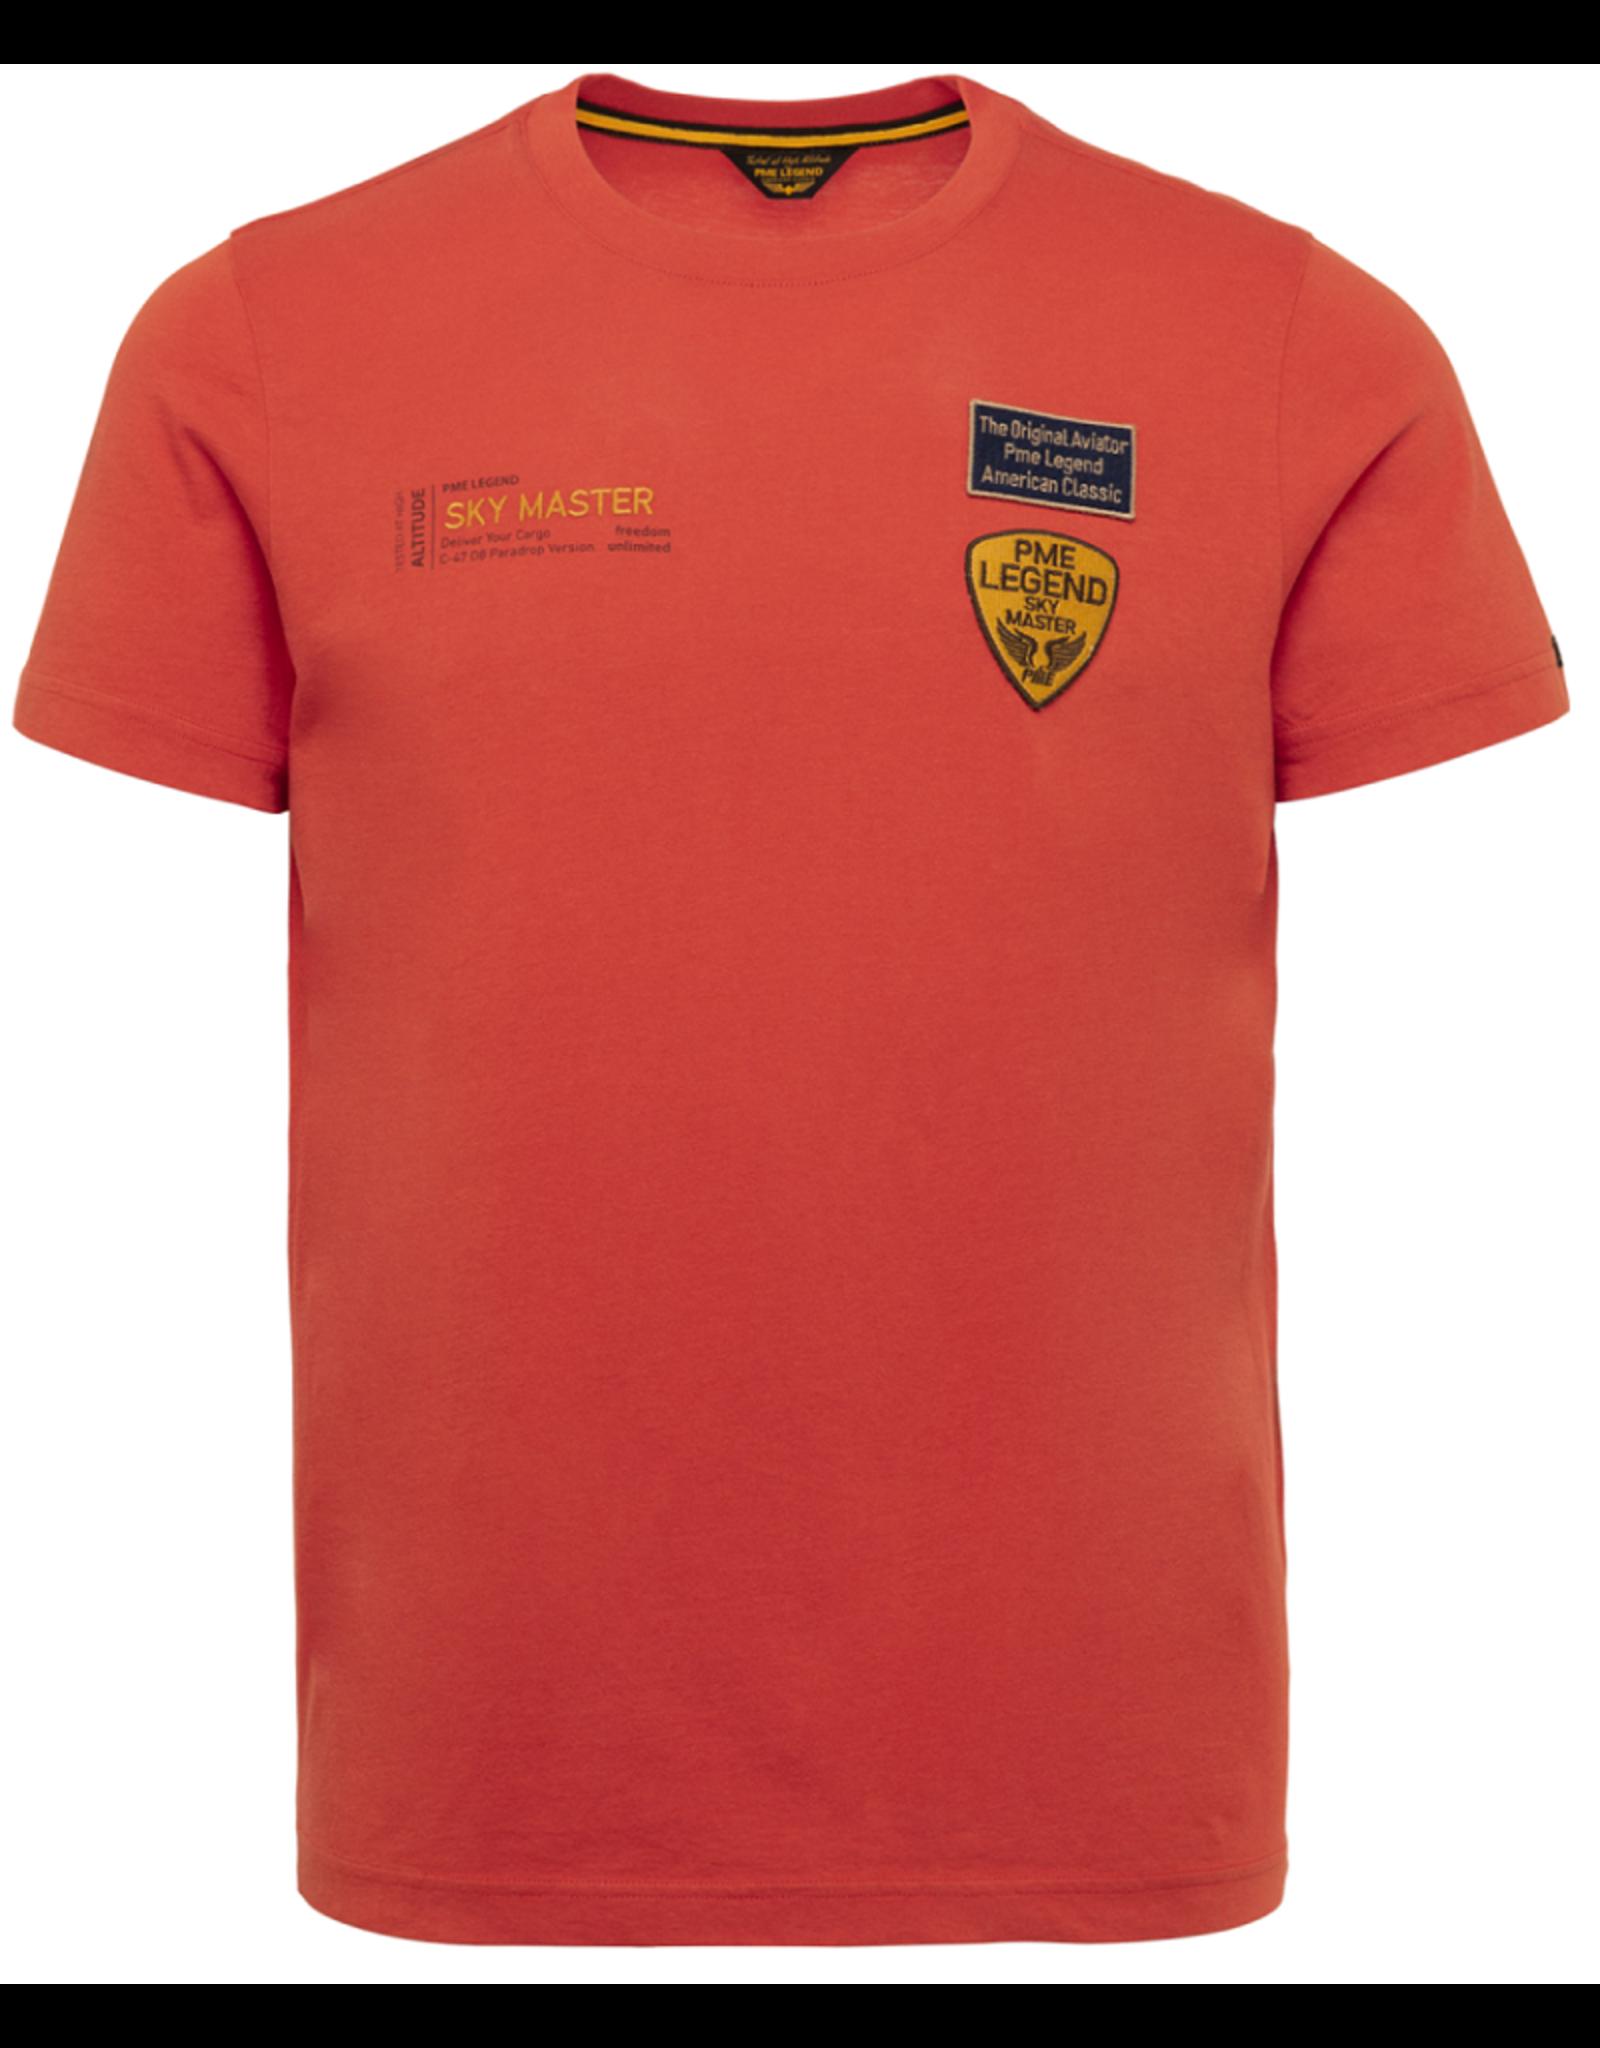 PME Legend PME Legend t-shirt coral